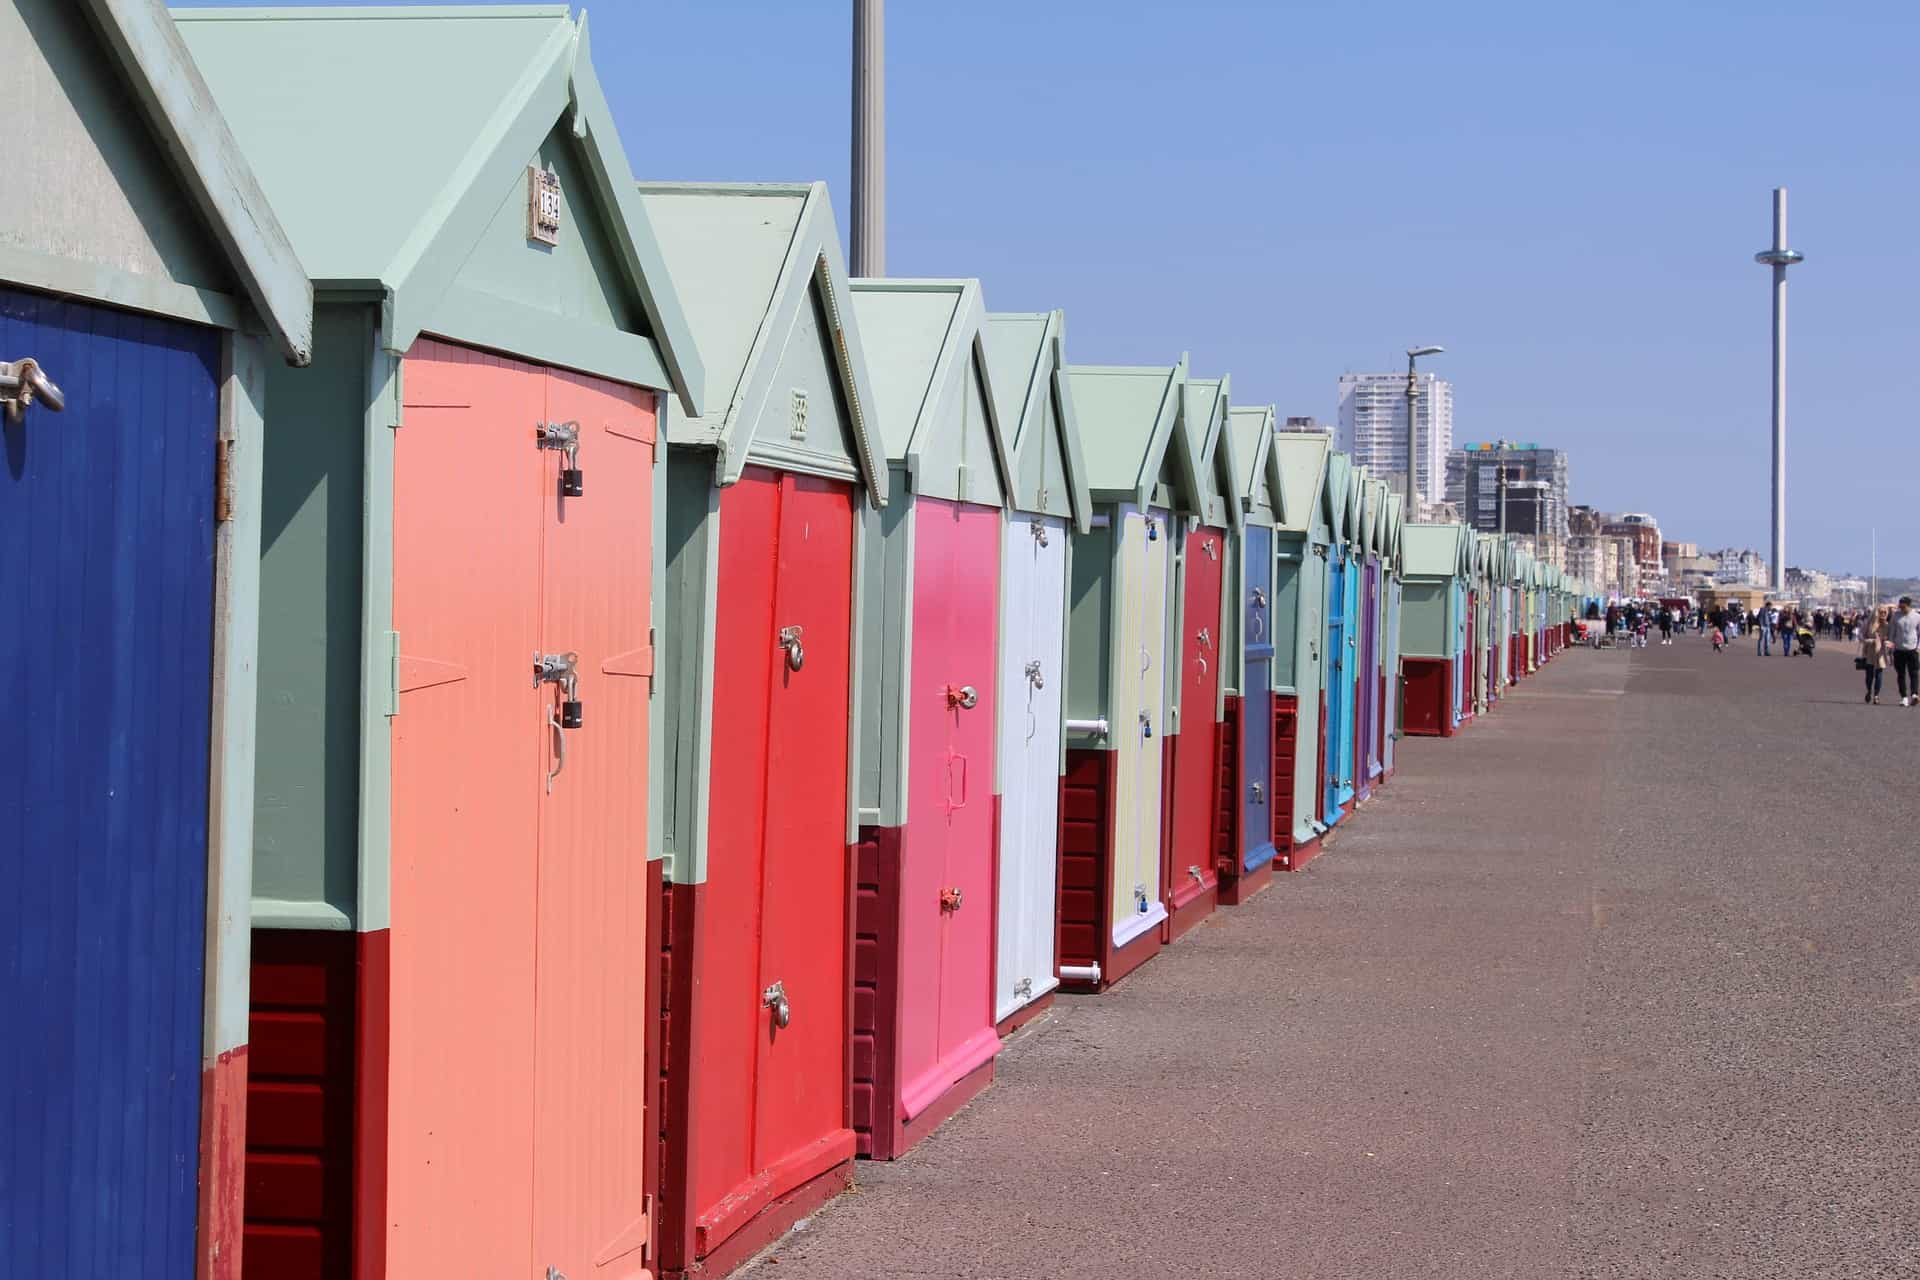 Brighton's beautiful Multi-Coloured Beach Huts